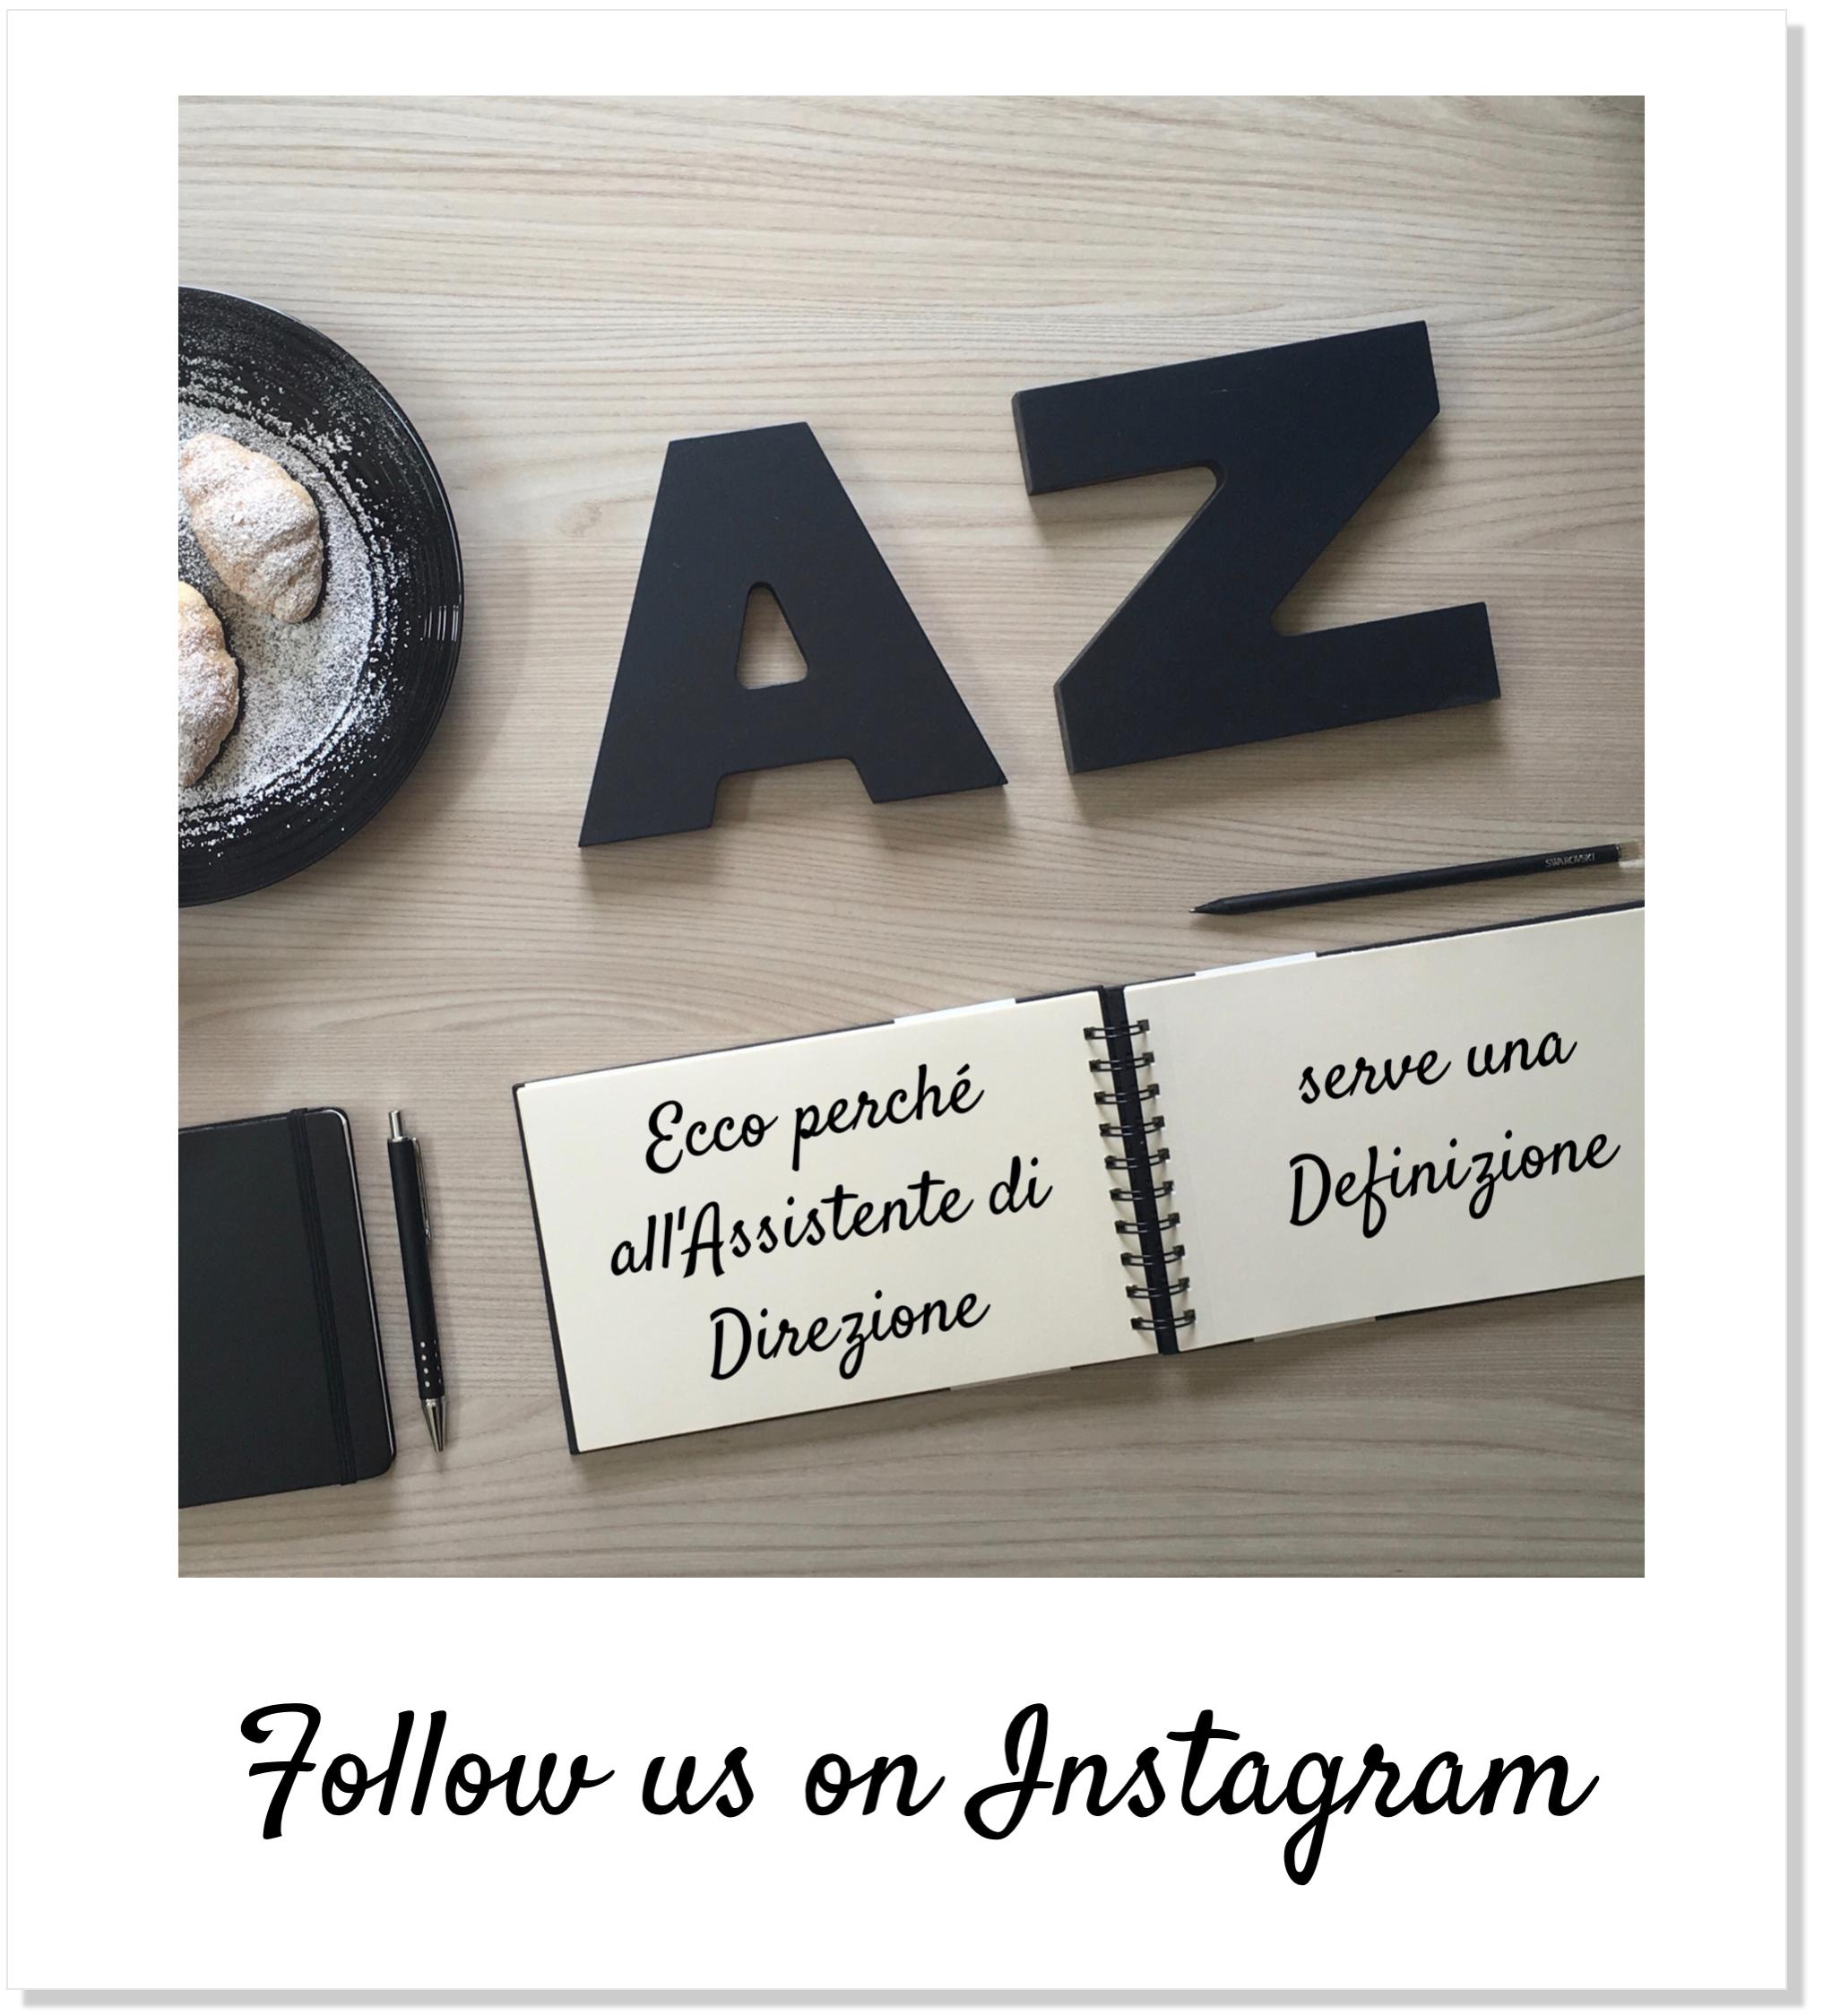 AssistenteDallaAallaZeta Assistente di Direzione Parole Chiave A come Assistente Flatlay Instagram Definizione Assistente AssistenteDallaAallaZeta